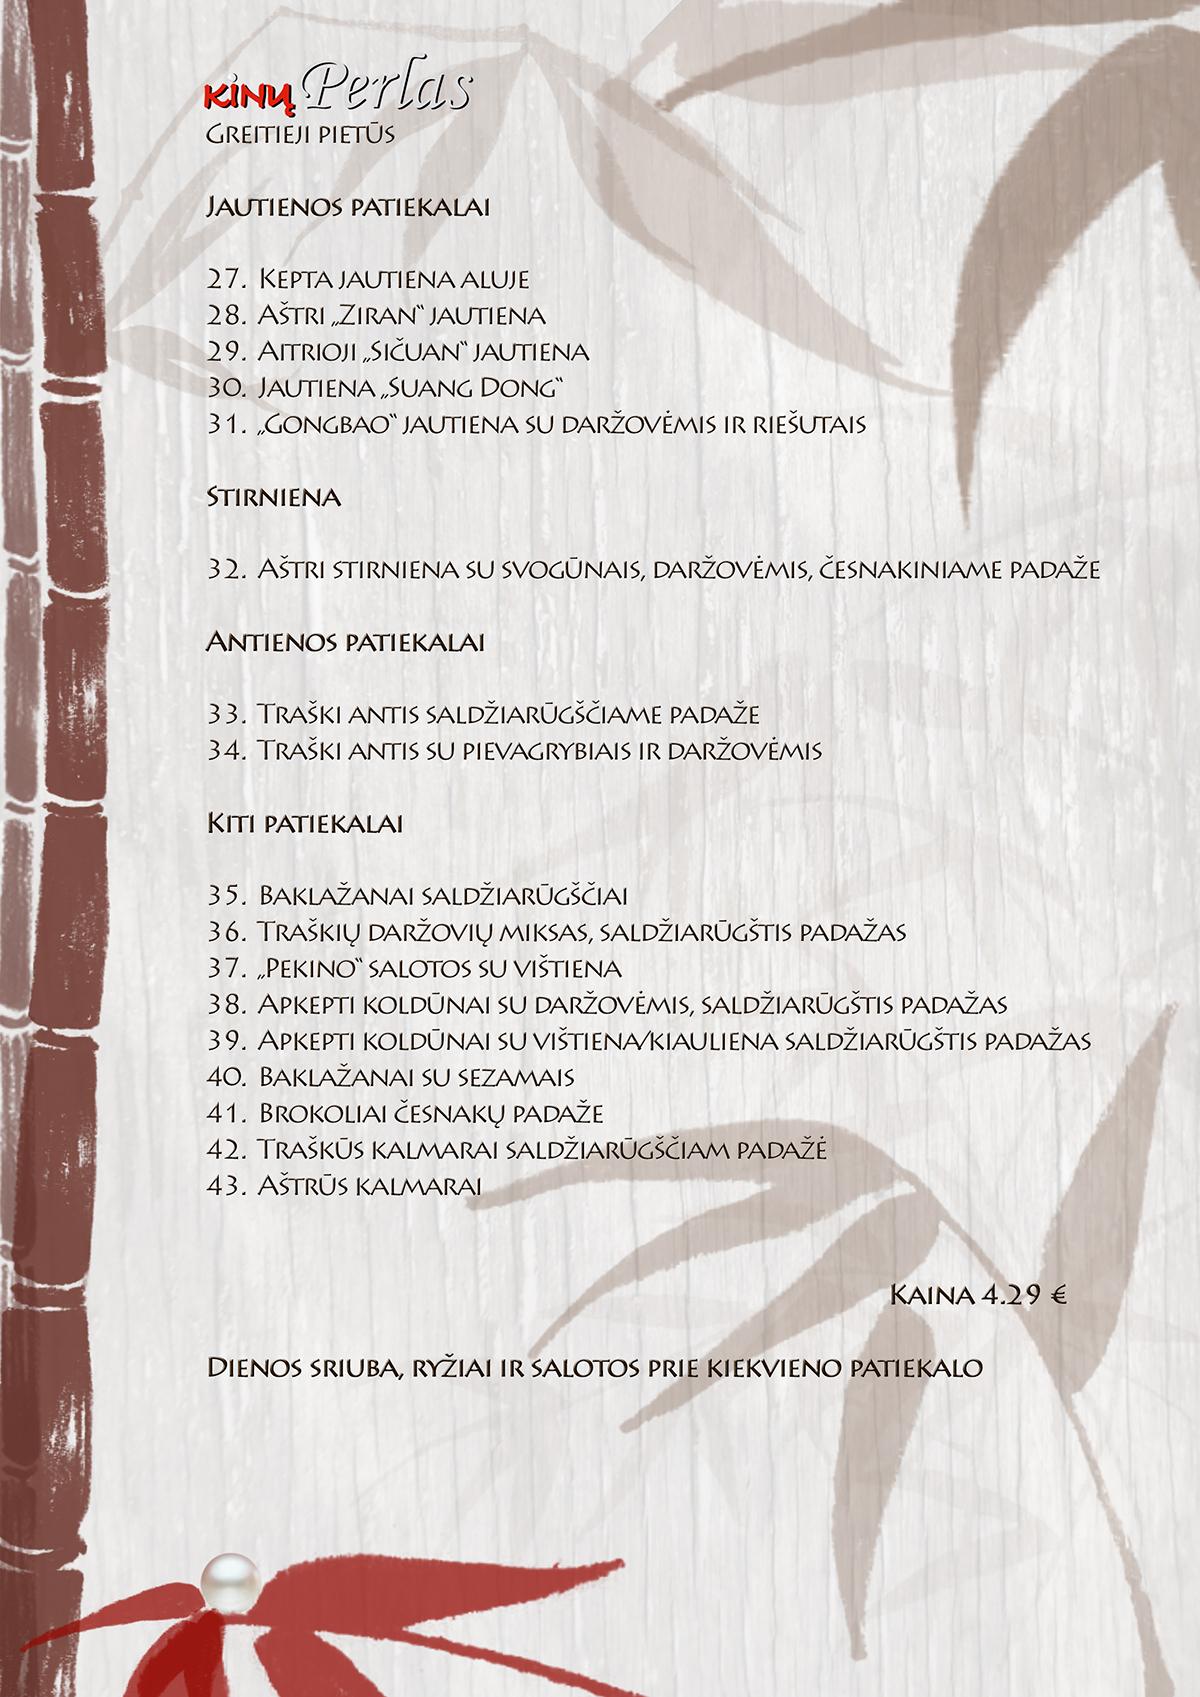 kinu-perlas_meniu-2016_2-lapas_2016-10-31_1200